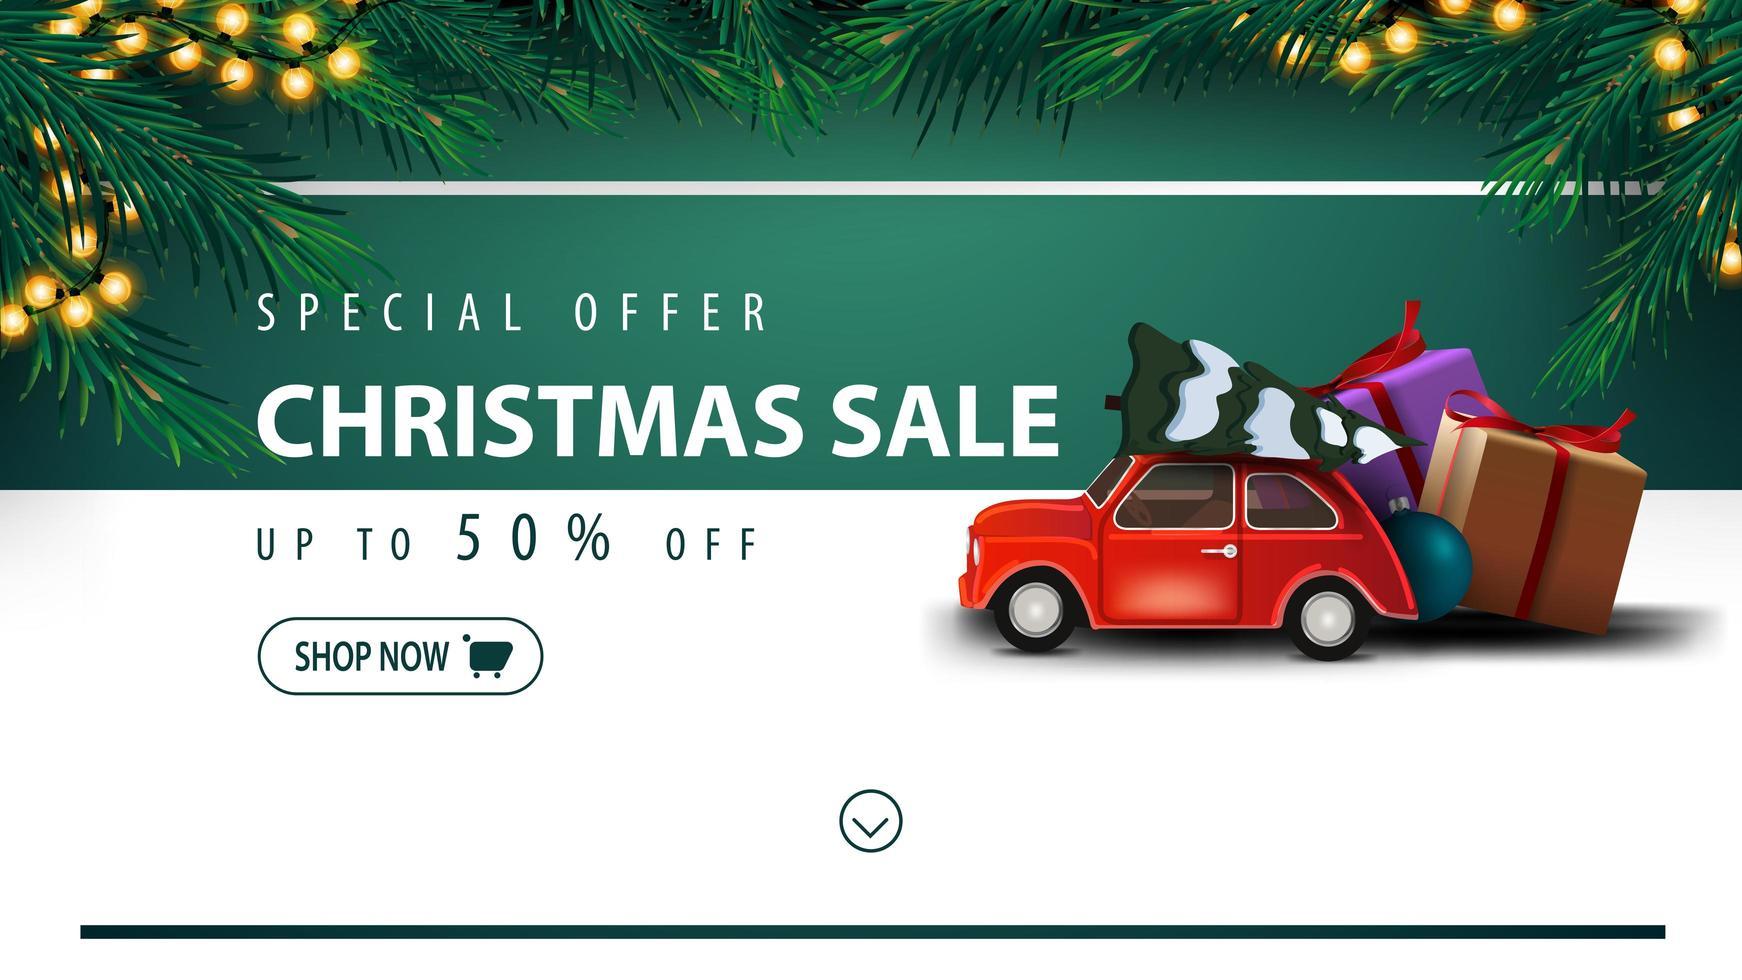 Sonderangebot, Weihnachtsverkauf, bis zu 50 Rabatt, weißes und grünes Rabattbanner mit Knopf, Rahmen von Weihnachtsbaum, Girlande, Querstreifen und rotem Oldtimer mit Weihnachtsbaum vektor